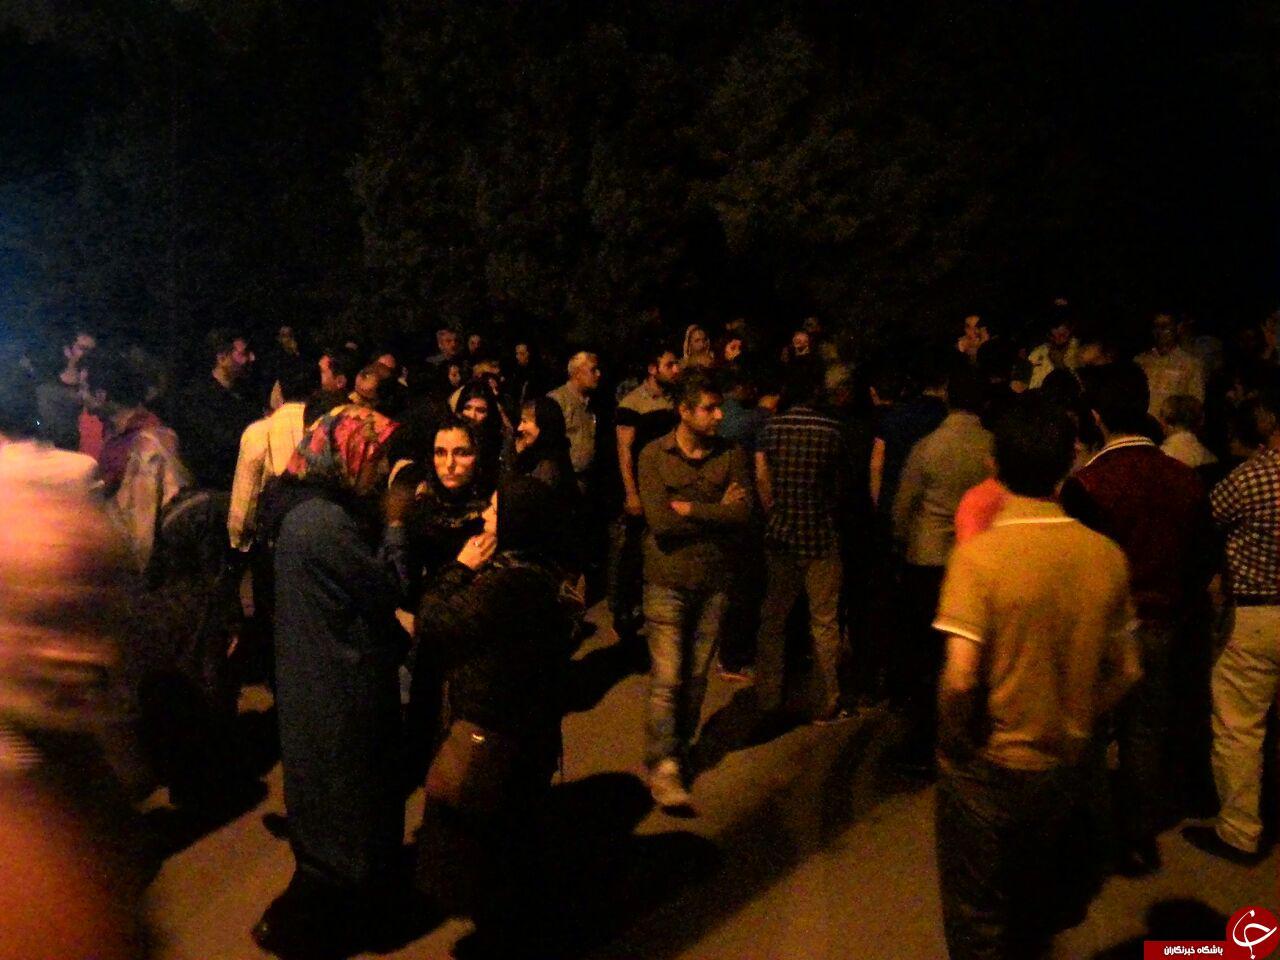 تجمع حدود 300 نفری مردم بیاد سربازان در قزوین